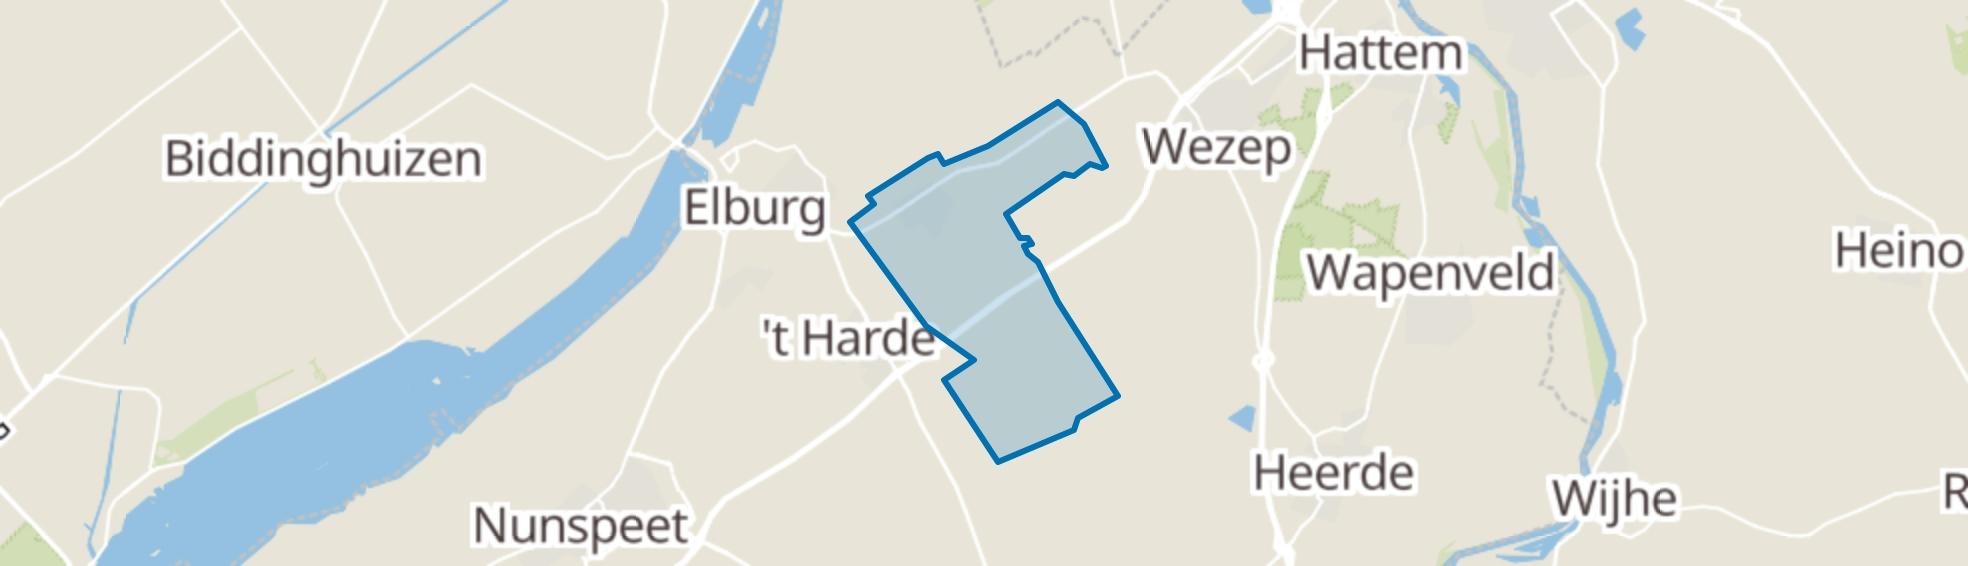 Oldebroek map